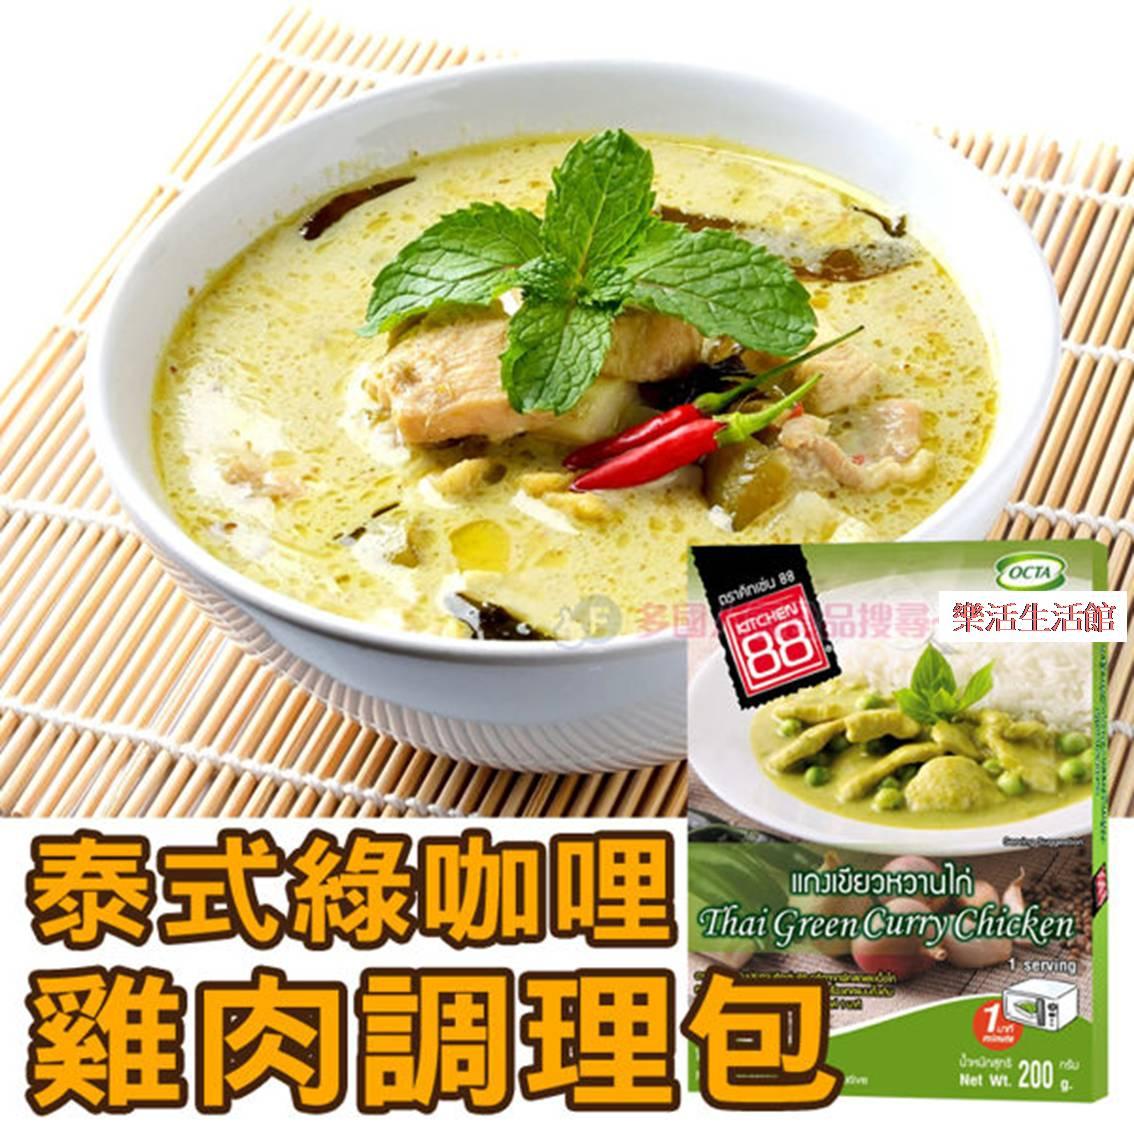 下殺↘$58.00 泰式綠咖哩雞肉調理包200g 【樂活生活館】